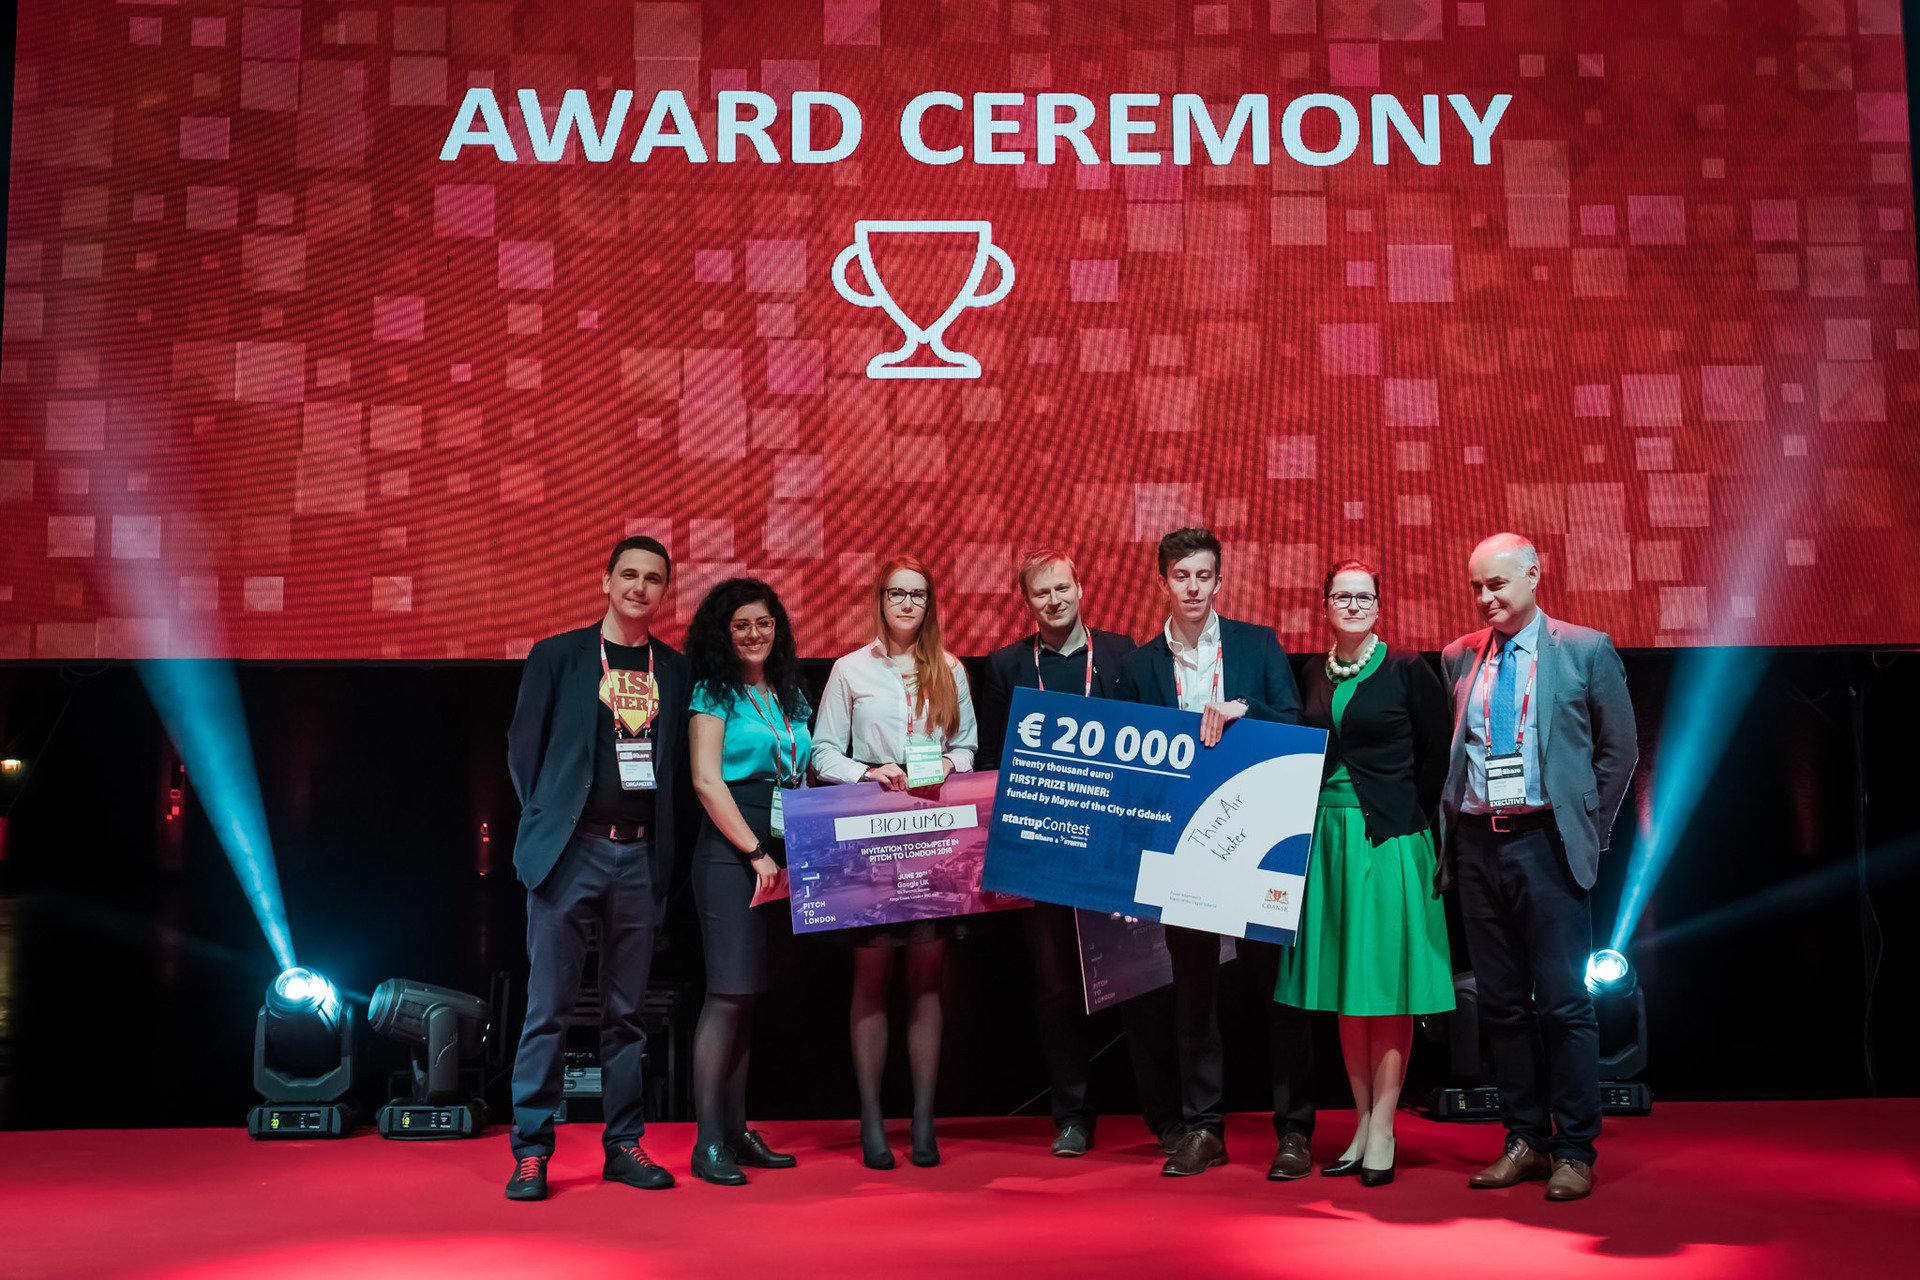 THINAIR WATER najlepszym startupem infoShare Startup Contest 2018! 20 tysięcy Euro nagrody pomoże im zmienić świat.